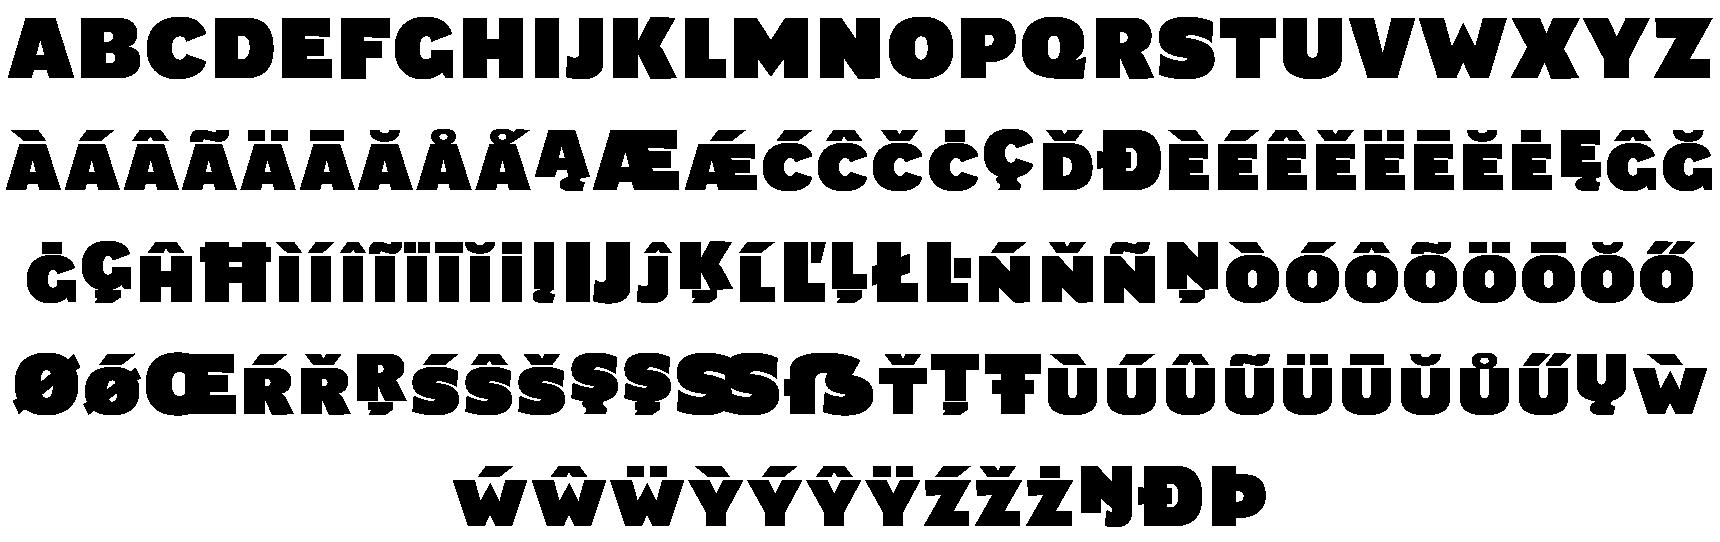 <p><em>Lettershapes change from font to font</em><br /><br />Main forms</p> glyphs